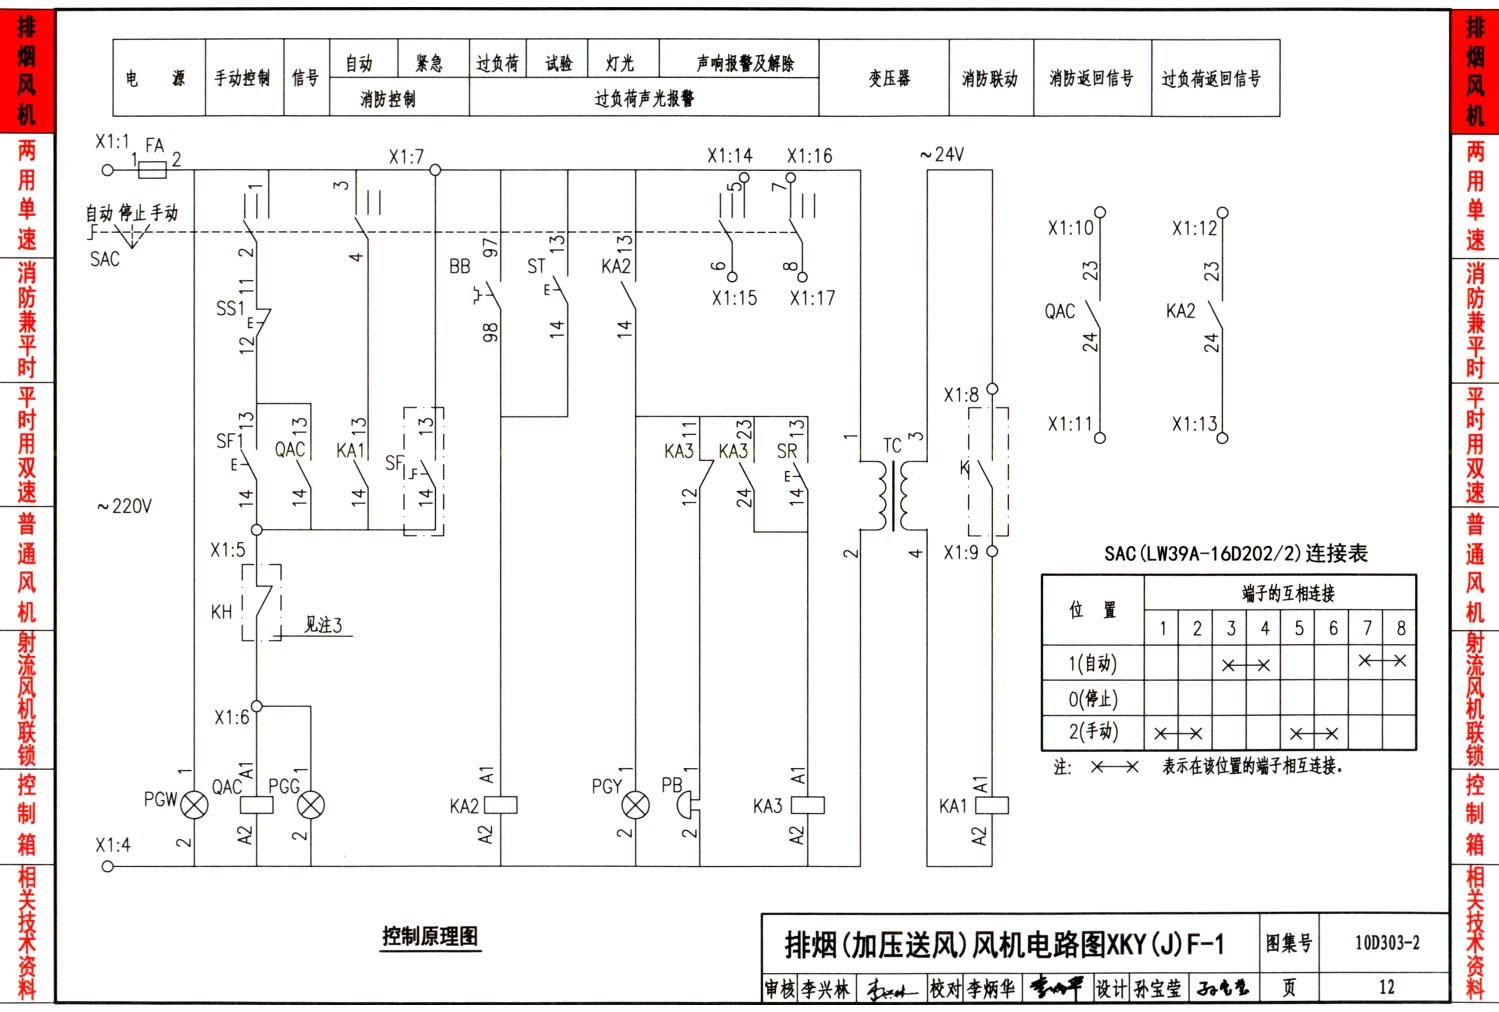 10D303-2《常用风机控制电路图》适用于民用及一般工业建筑内3/N/PE~400/230V 50Hz系统中常用风机的控制。   内容包括排烟及加压送风机、两用单速风机、消防兼平时(排风兼排烟)两用双速风机(YD型电机/YY接线、YDT型电机Y/YY、Y/Y和3Y+Y/3Y型接线)、平时用双速风机、普通风机和射流风机联动排风机的控制电路图,共计6大类42种方案。   本图集是对标准设计图集《常用风机控制电路图》99D303-2的修编。本次图集修编不仅根据新的国家标准,把图集中涉及到的项目分类代码和图